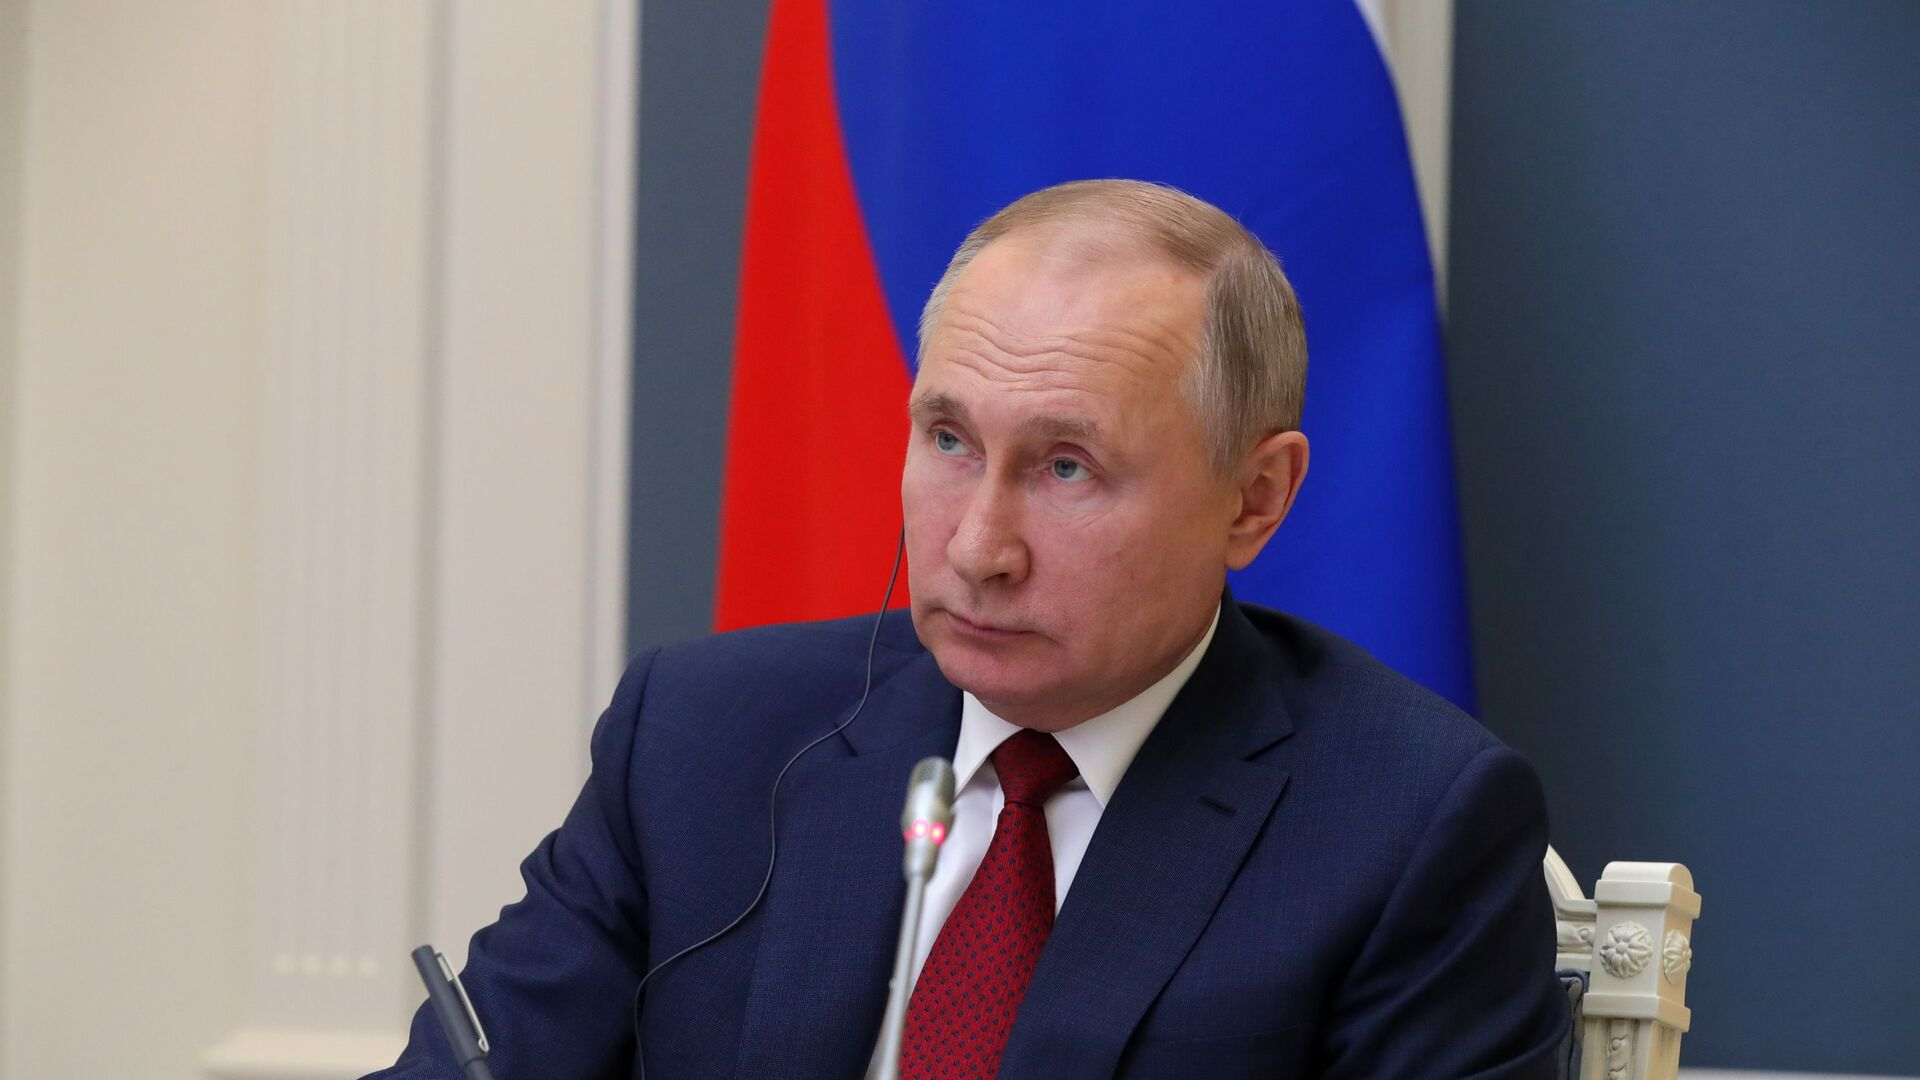 El presidente ruso, Vladímir Putin, en el Foro Económico Mundial de Davos - Sputnik Mundo, 1920, 24.03.2021